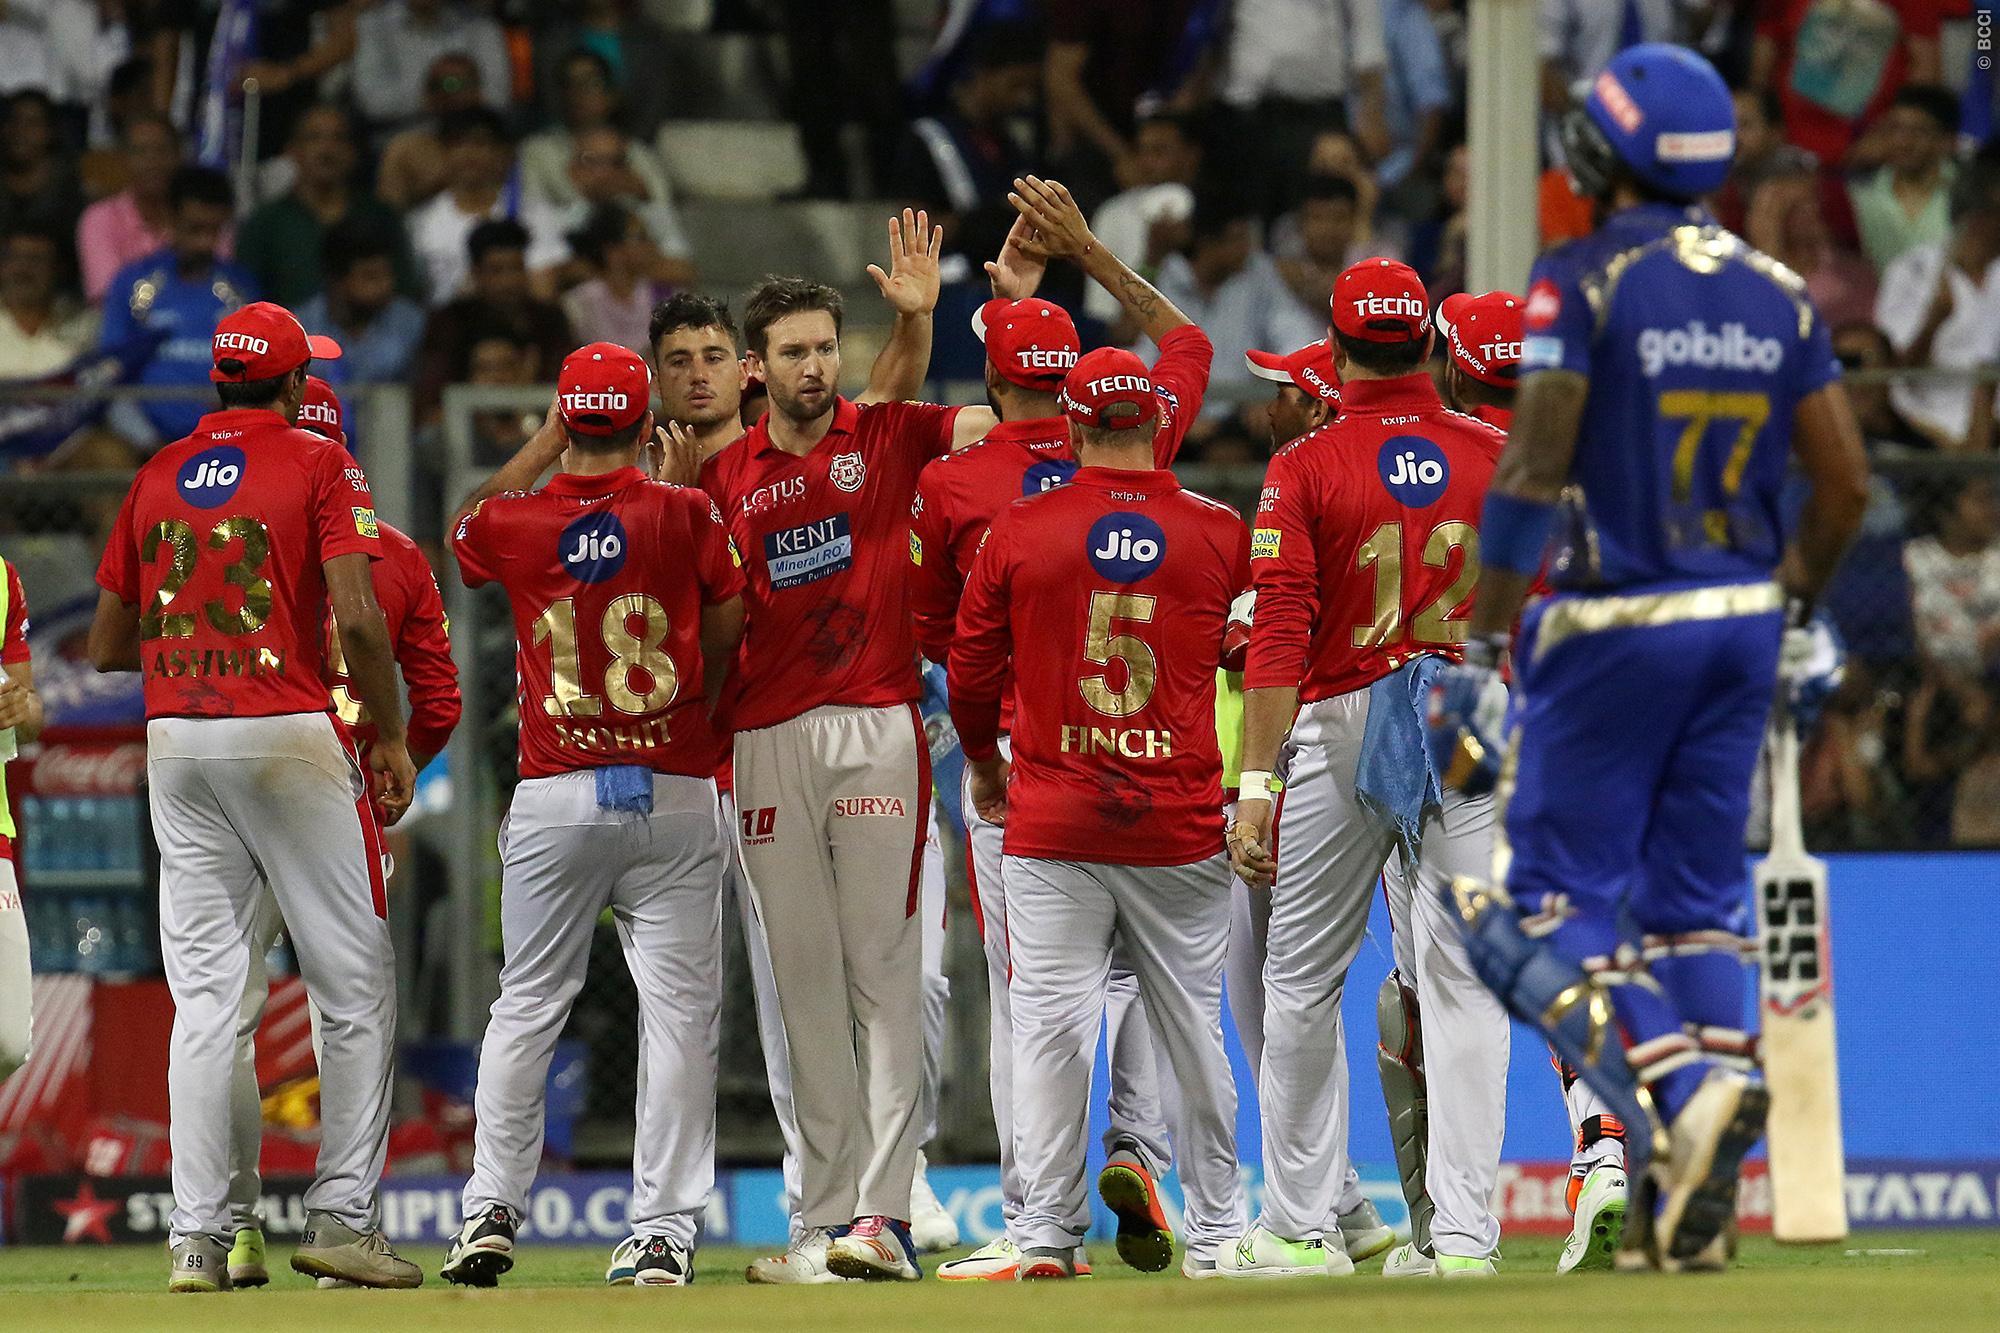 हार के बाद भी सोशल मीडिया पर छाये केएल राहुल, वही लोगो ने अश्विन की कप्तानी पर किये ऐसे कमेन्ट देख नहीं रुकेगी हंसी 17